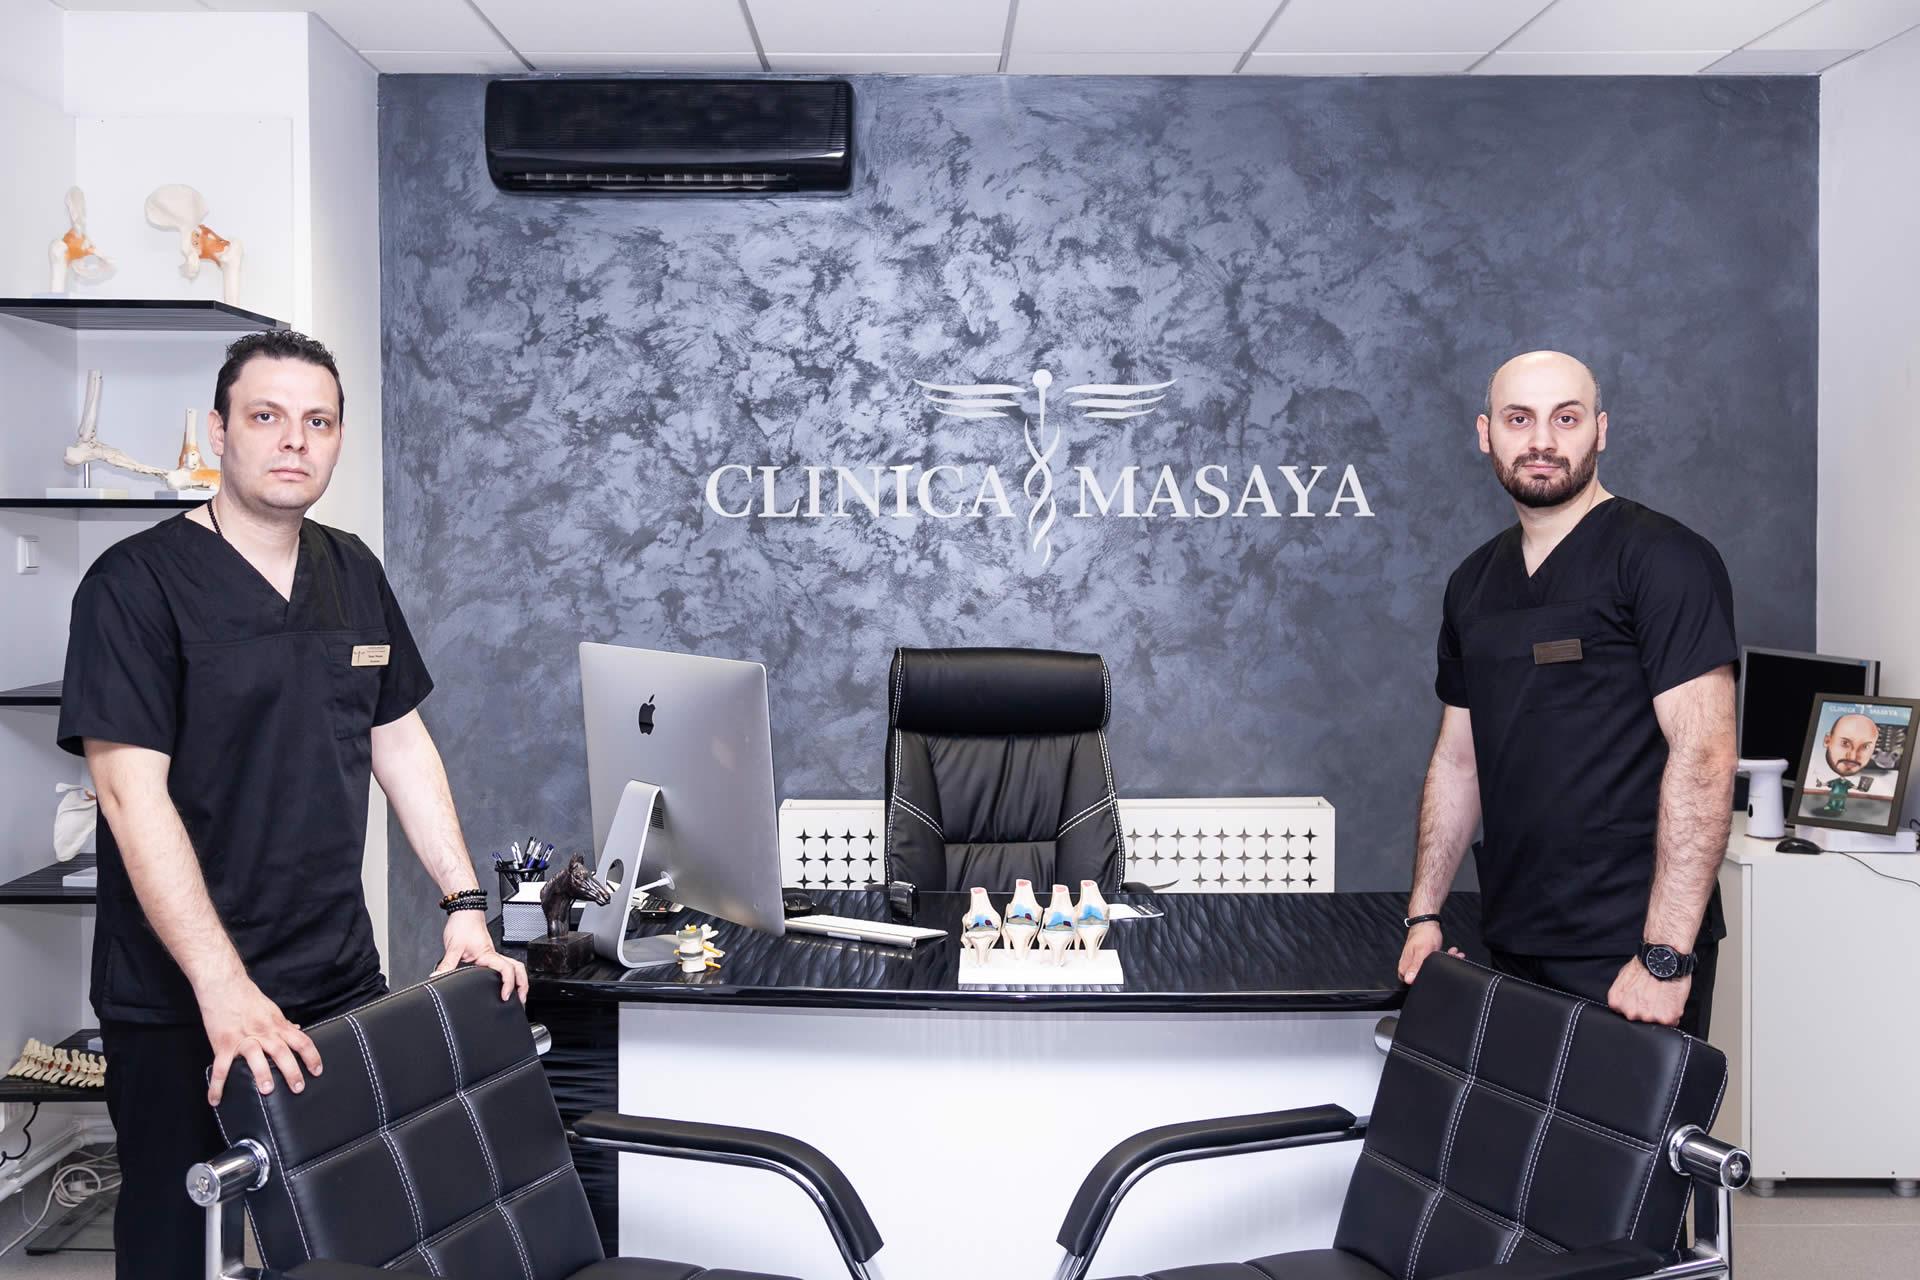 Clinica Masaya